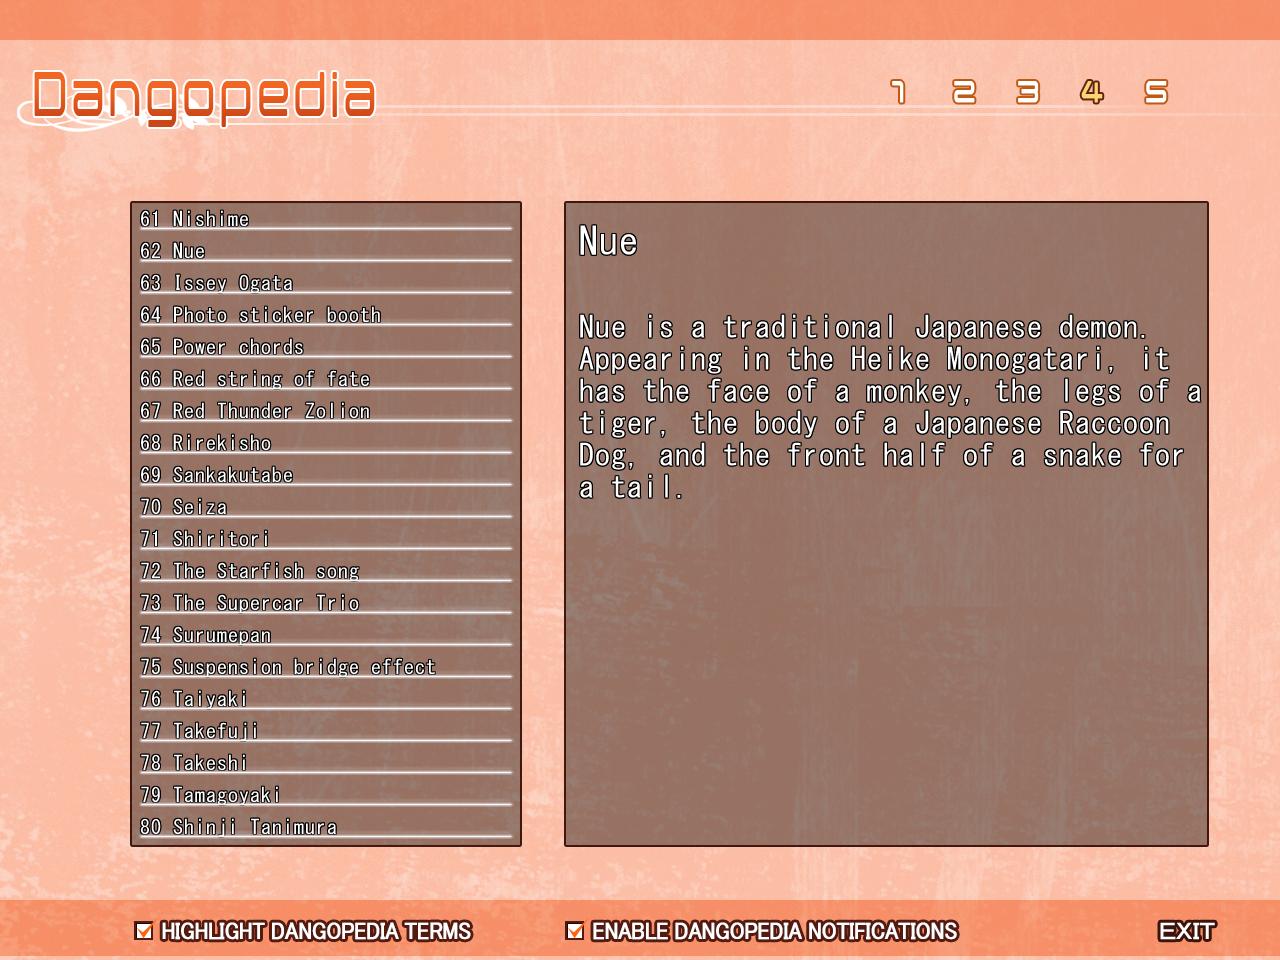 Dangopedia.png